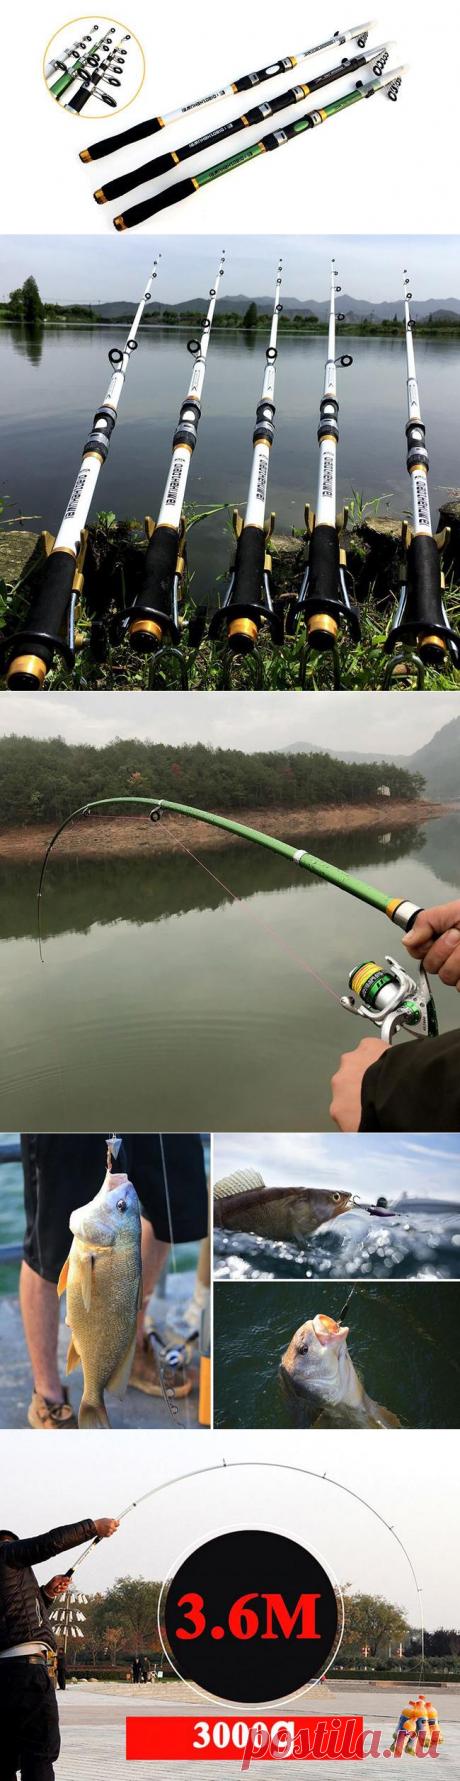 Прочная облегченная удочка из углеродного волокна для ловли карпа или щуки с Алиэкспресс   Super-Blog